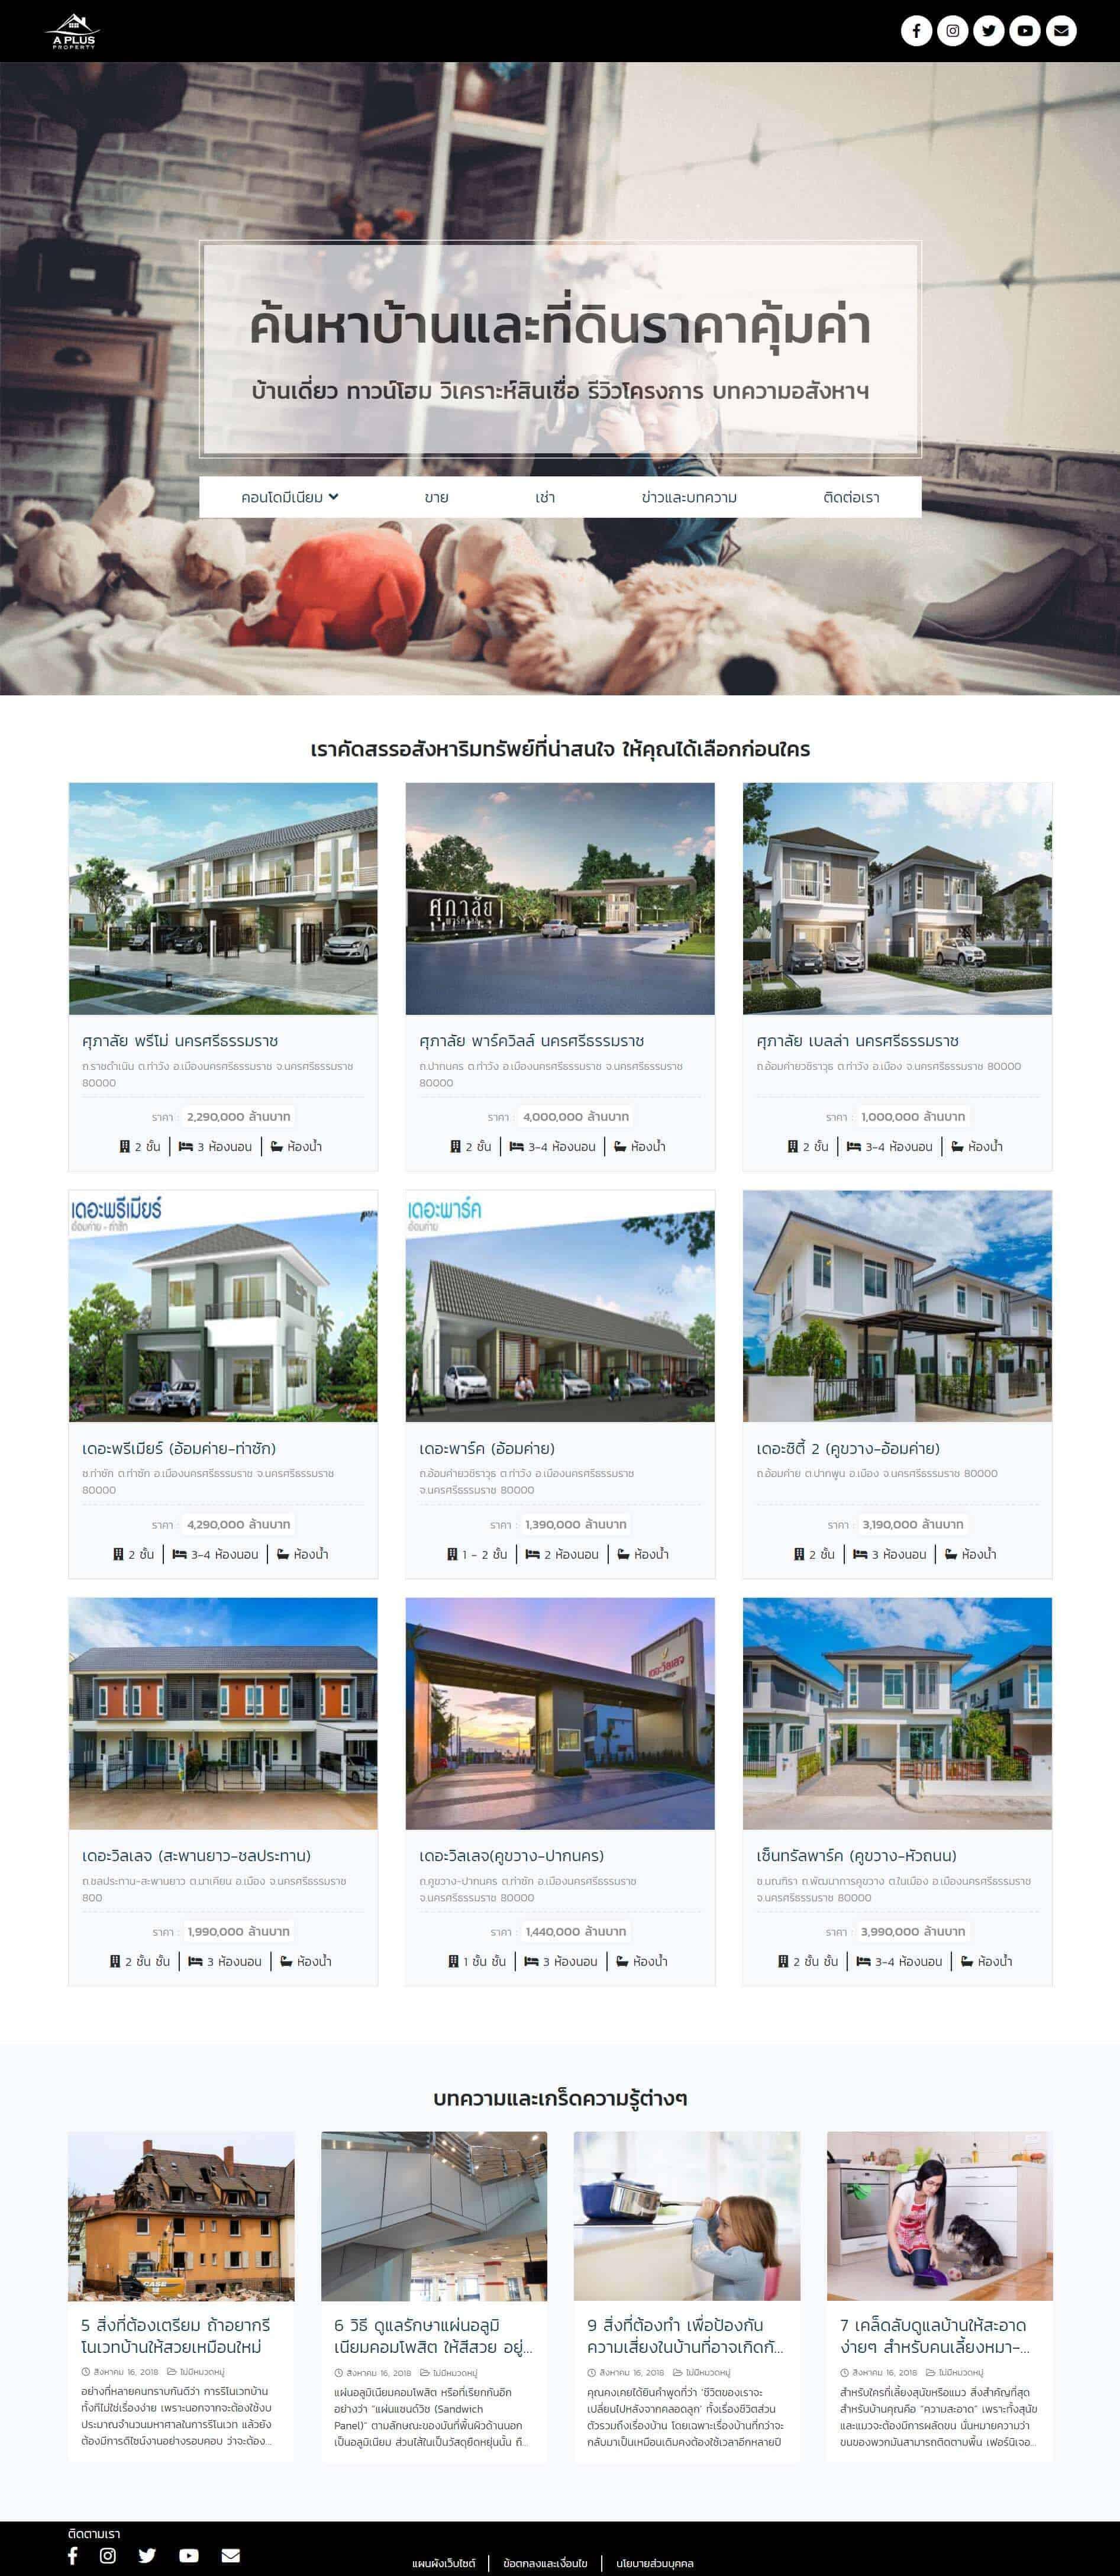 ค้นหาบ้านและที่ดิน | บริการรับทำเว็บไซต์ ออกแบบเว็บไซต์ teeneeweb.com